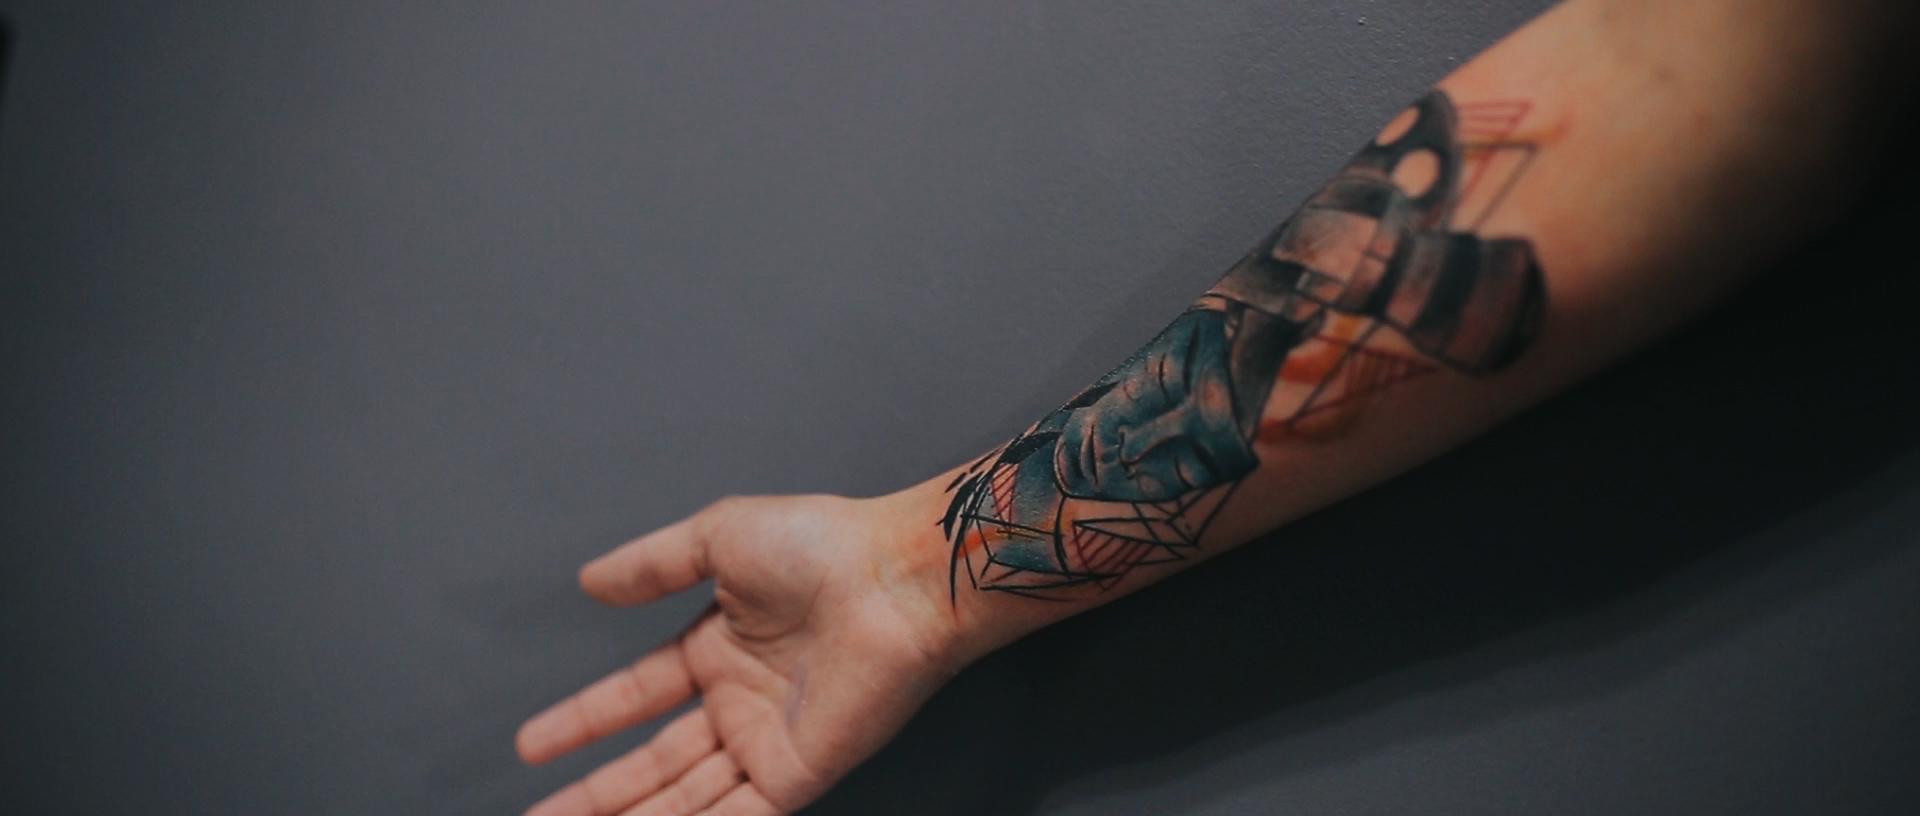 Gabrielle-Pereira-tatuadora-Curitiba-tattoo-ricardo-franzen-love-freedom-madness-producao-de-filme-video-de-tattoo-into-the-skin (14).jpg